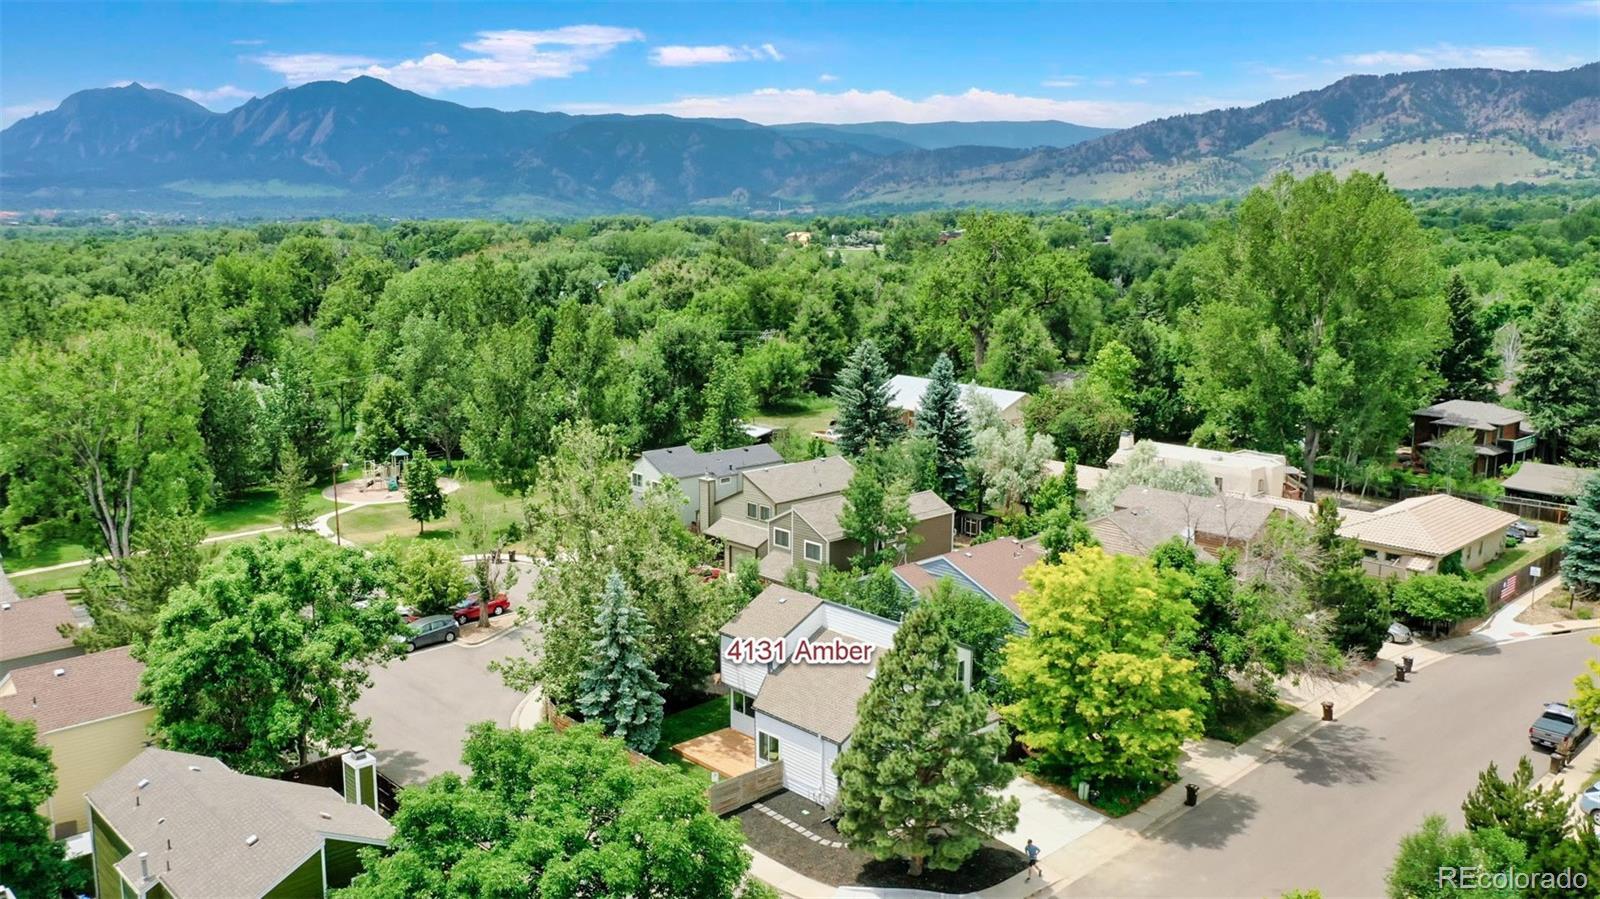 MLS# 4714153 - 28 - 4131 Amber Street, Boulder, CO 80304